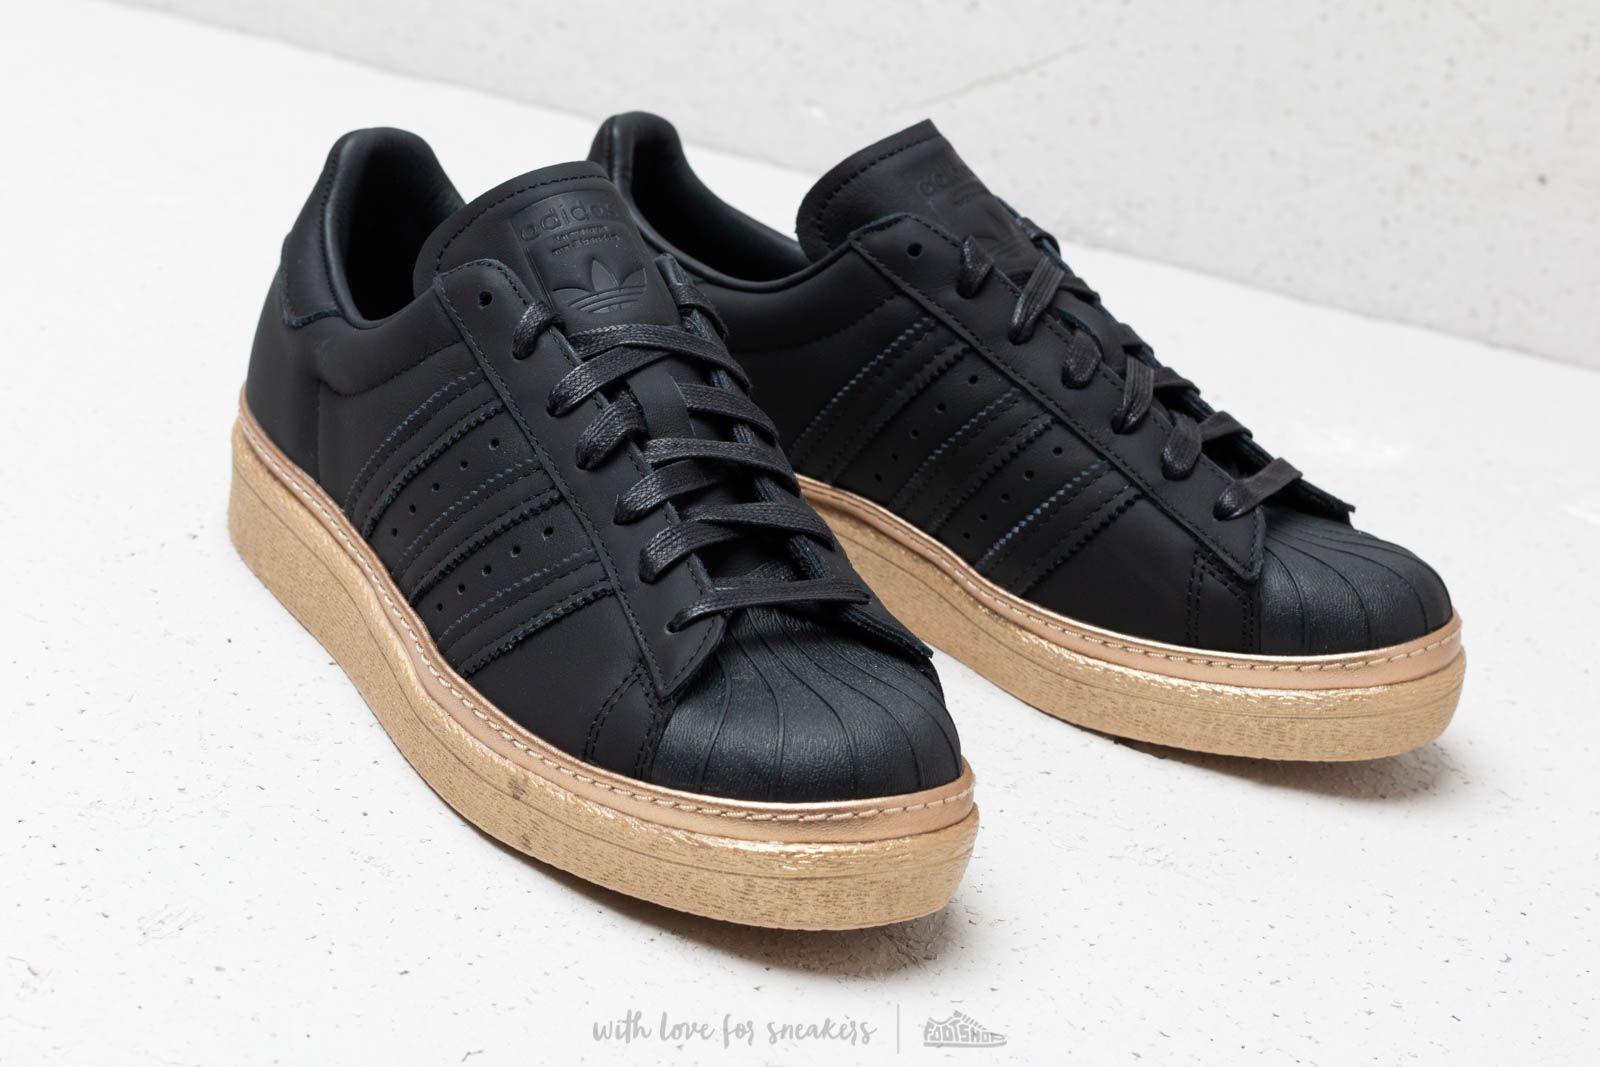 buy online e16c5 f64e3 adidas Superstar 80s New Bold W Core Black/ Core Black/ Gold ...